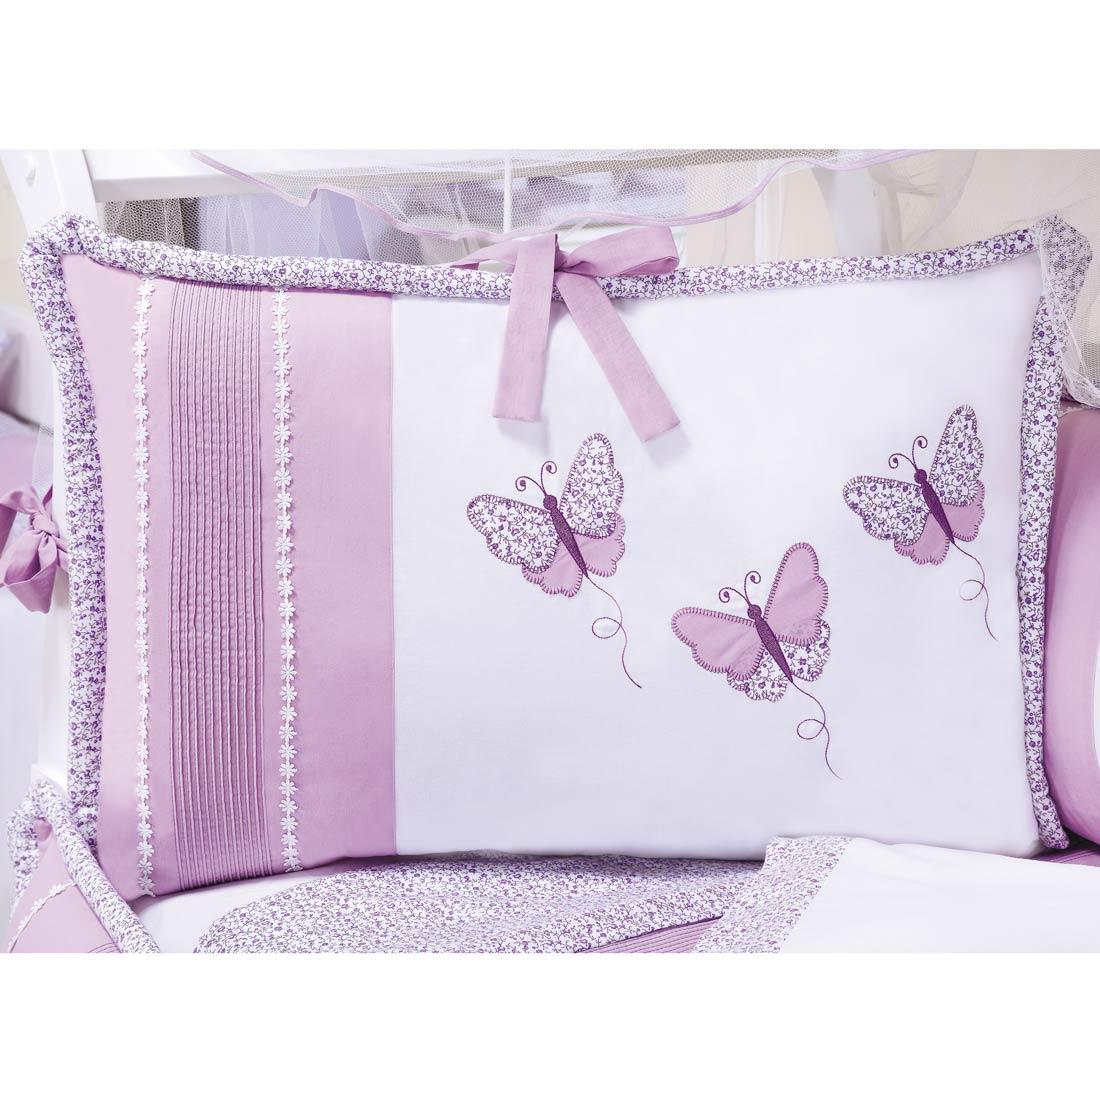 Kit Berço 9 Peças Americano c/ Mosquiteiro - Coleção Butterfly Baby - 100% Algodão